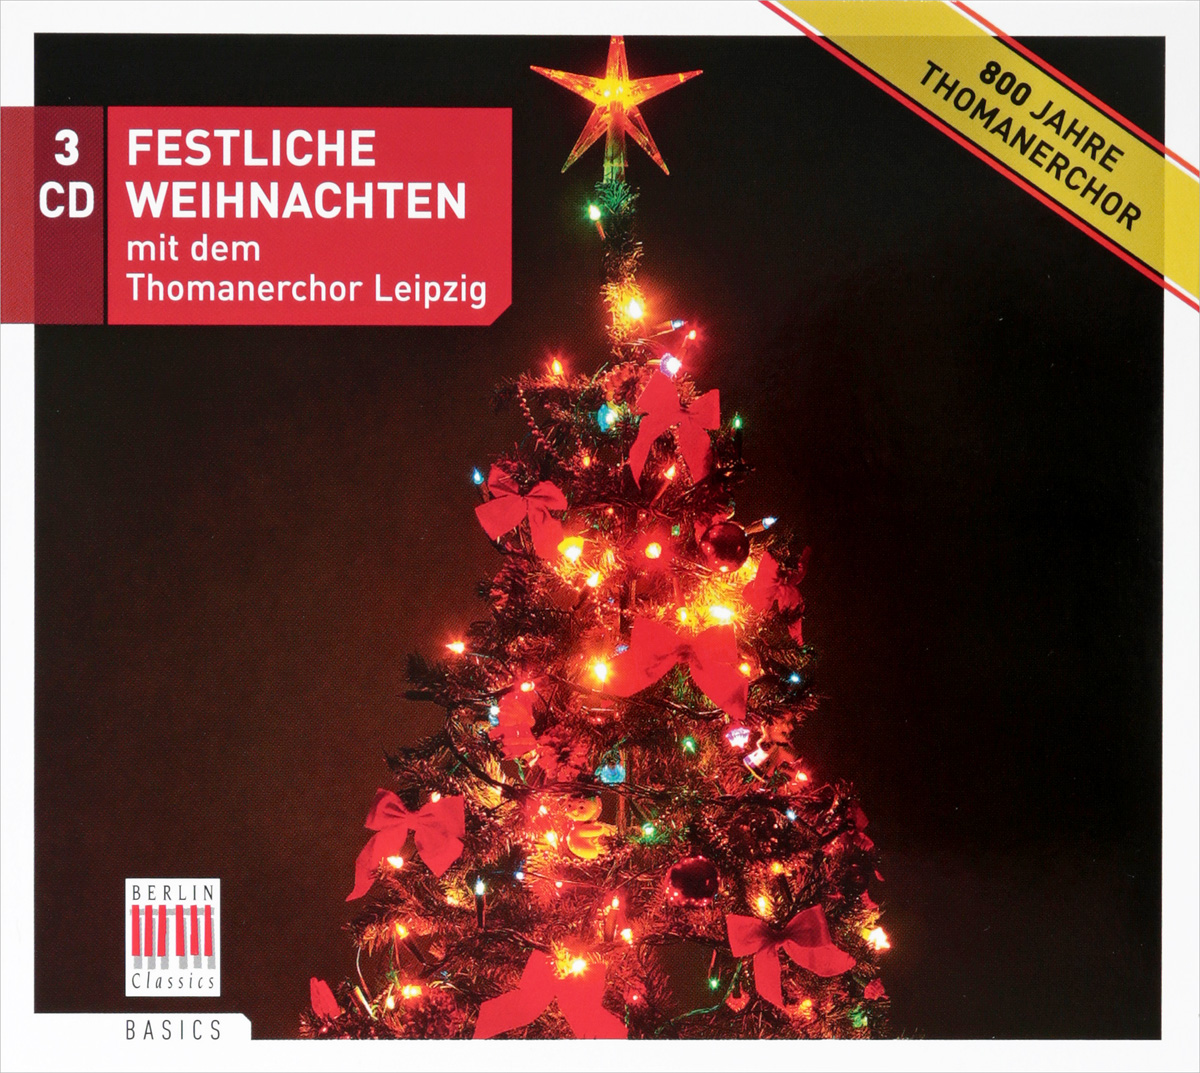 Thomanerchor Leipzig Festliche Weihnachten Von Thomanerchor Leipzig (3 CD)